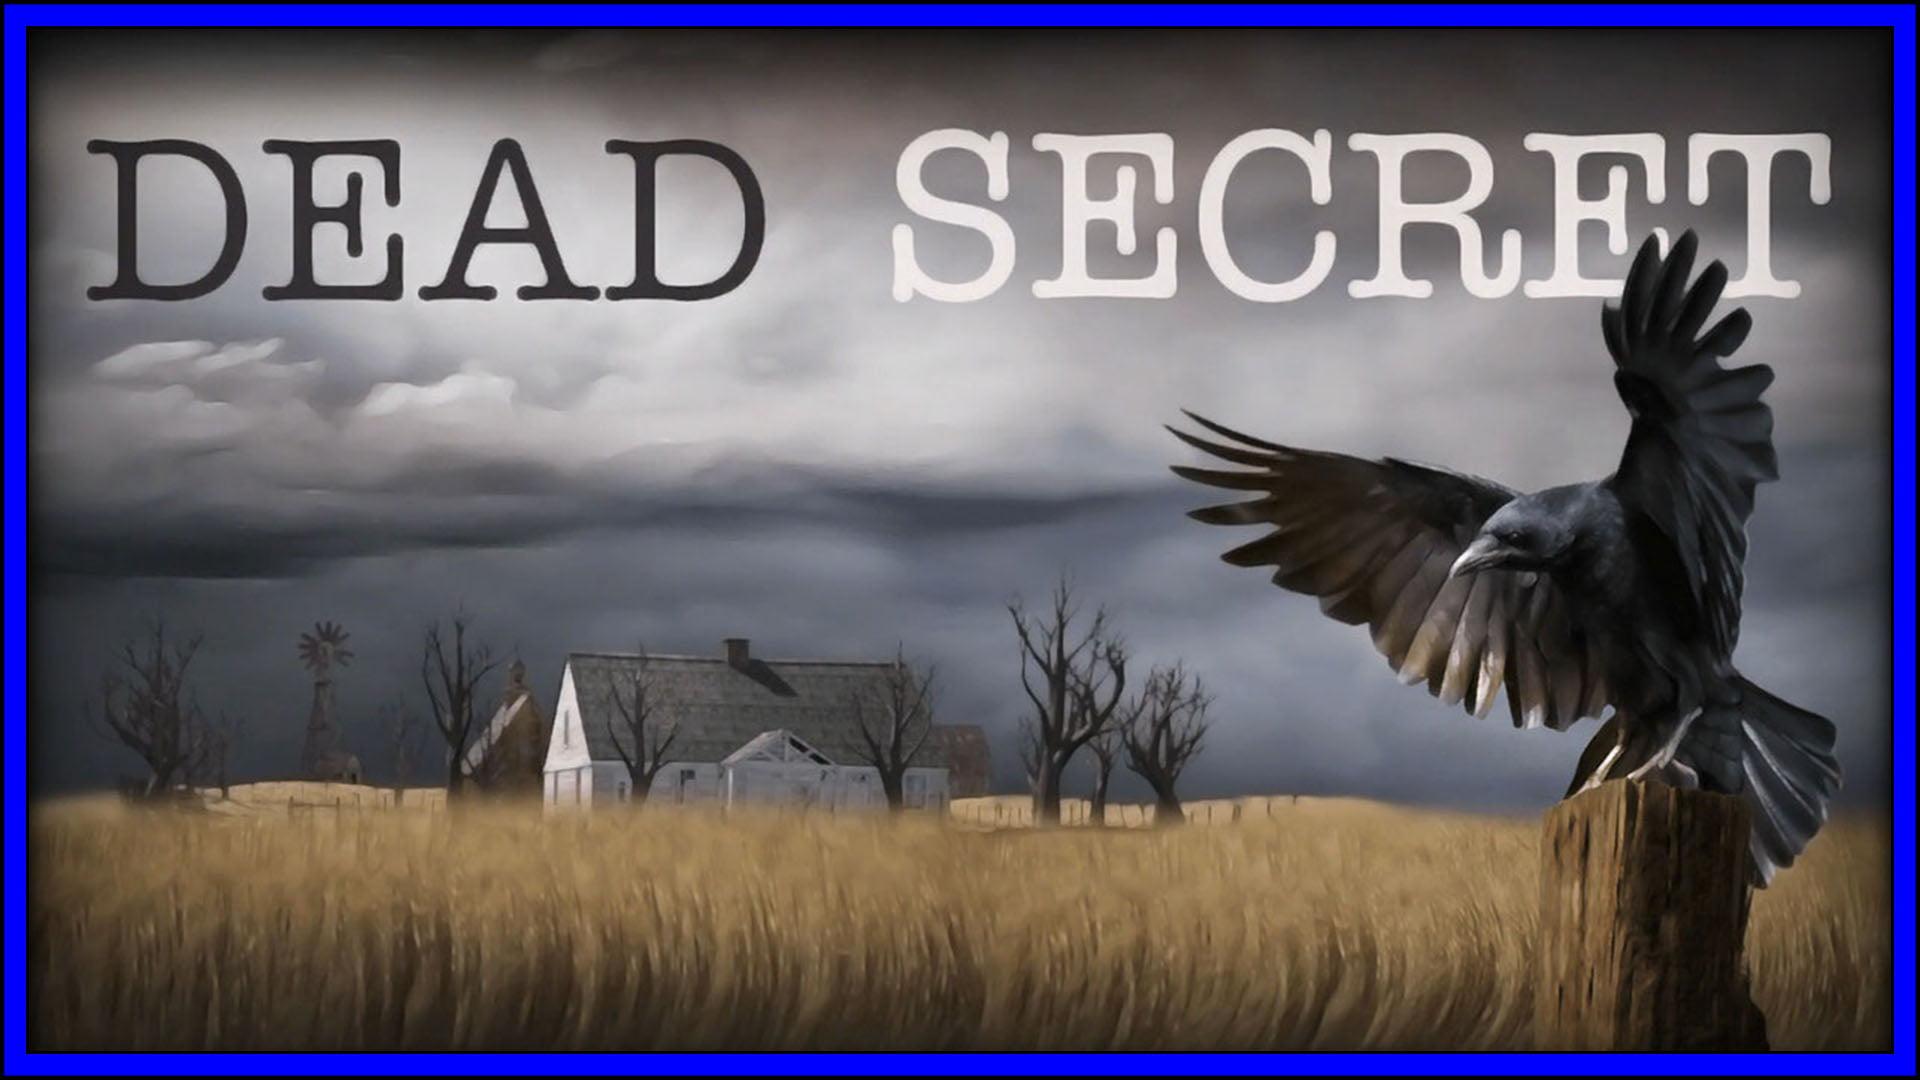 Dead Secret Fi3